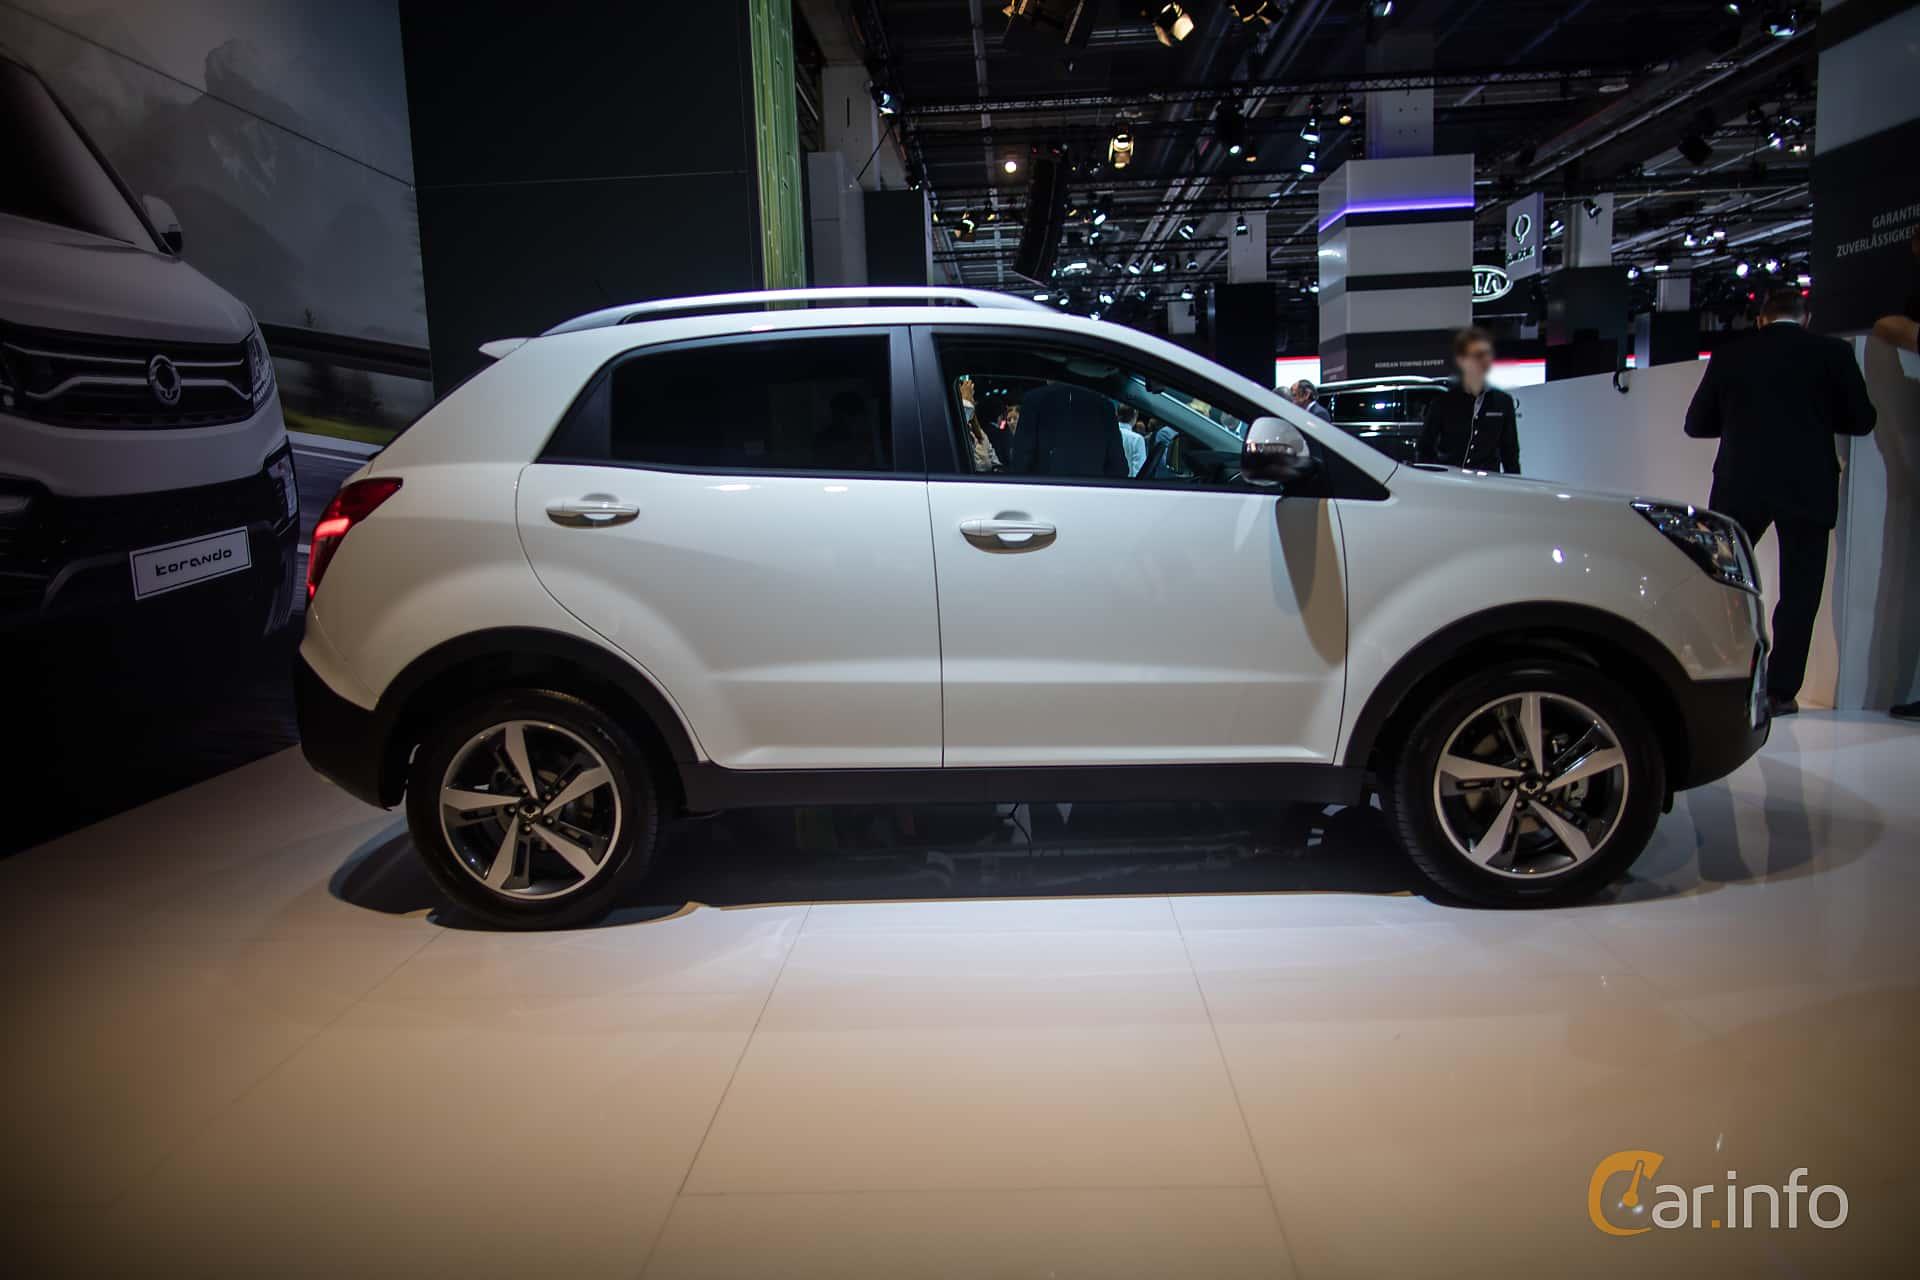 ssangyong korando 2 car - photo #21